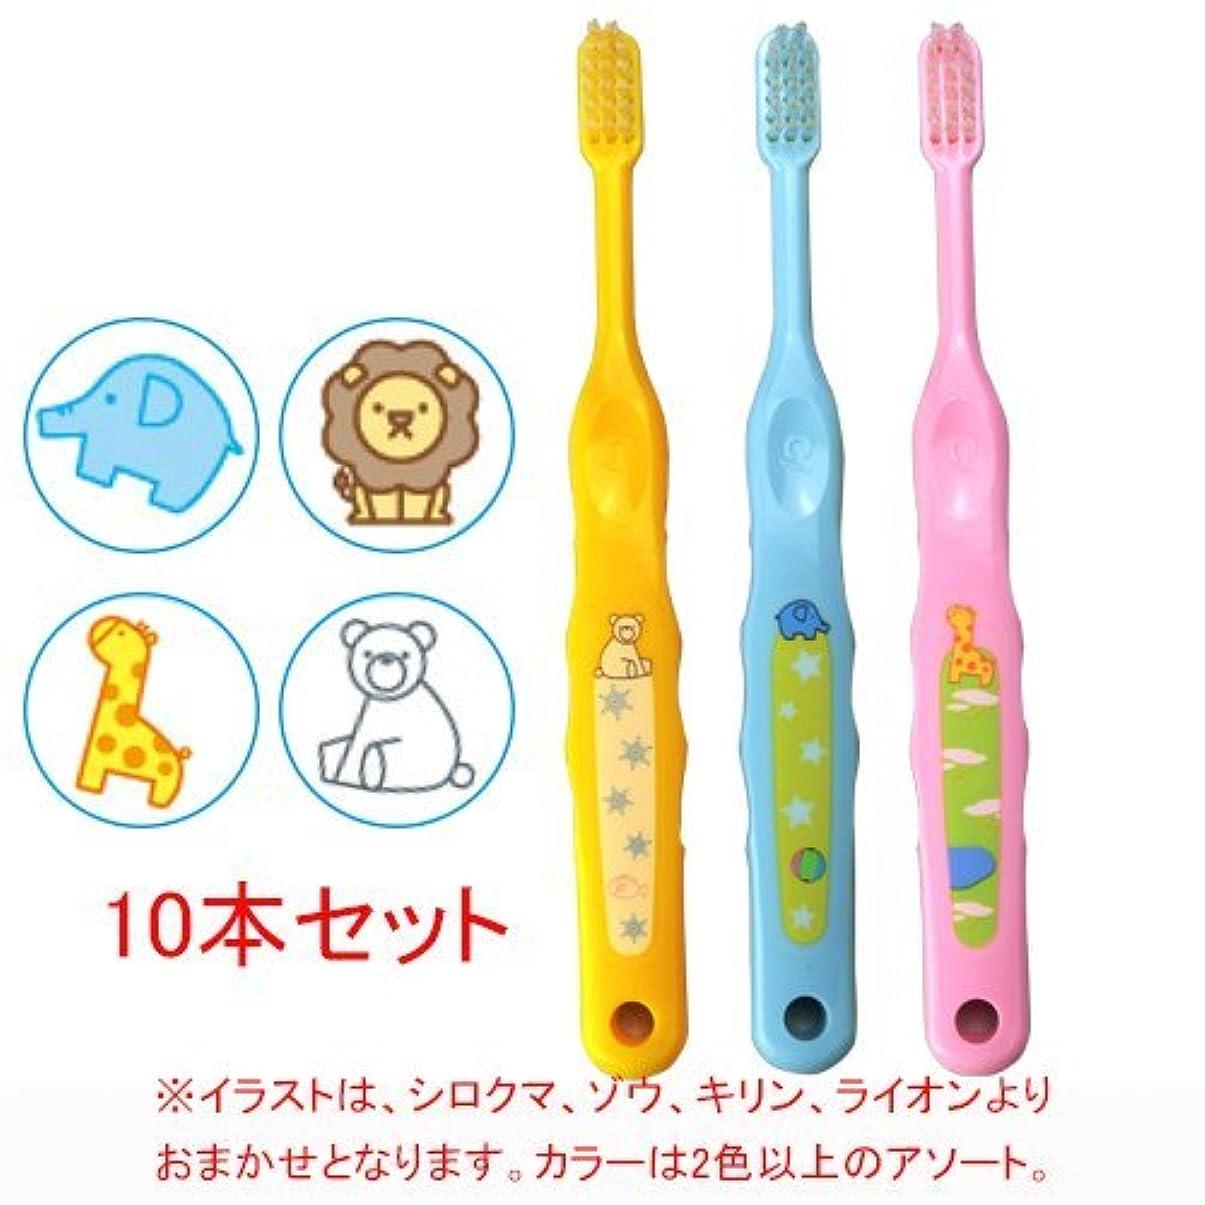 支援するアクセス野球Ciメディカル Ci なまえ歯ブラシ 502 (ふつう) (乳児~小学生向)10本